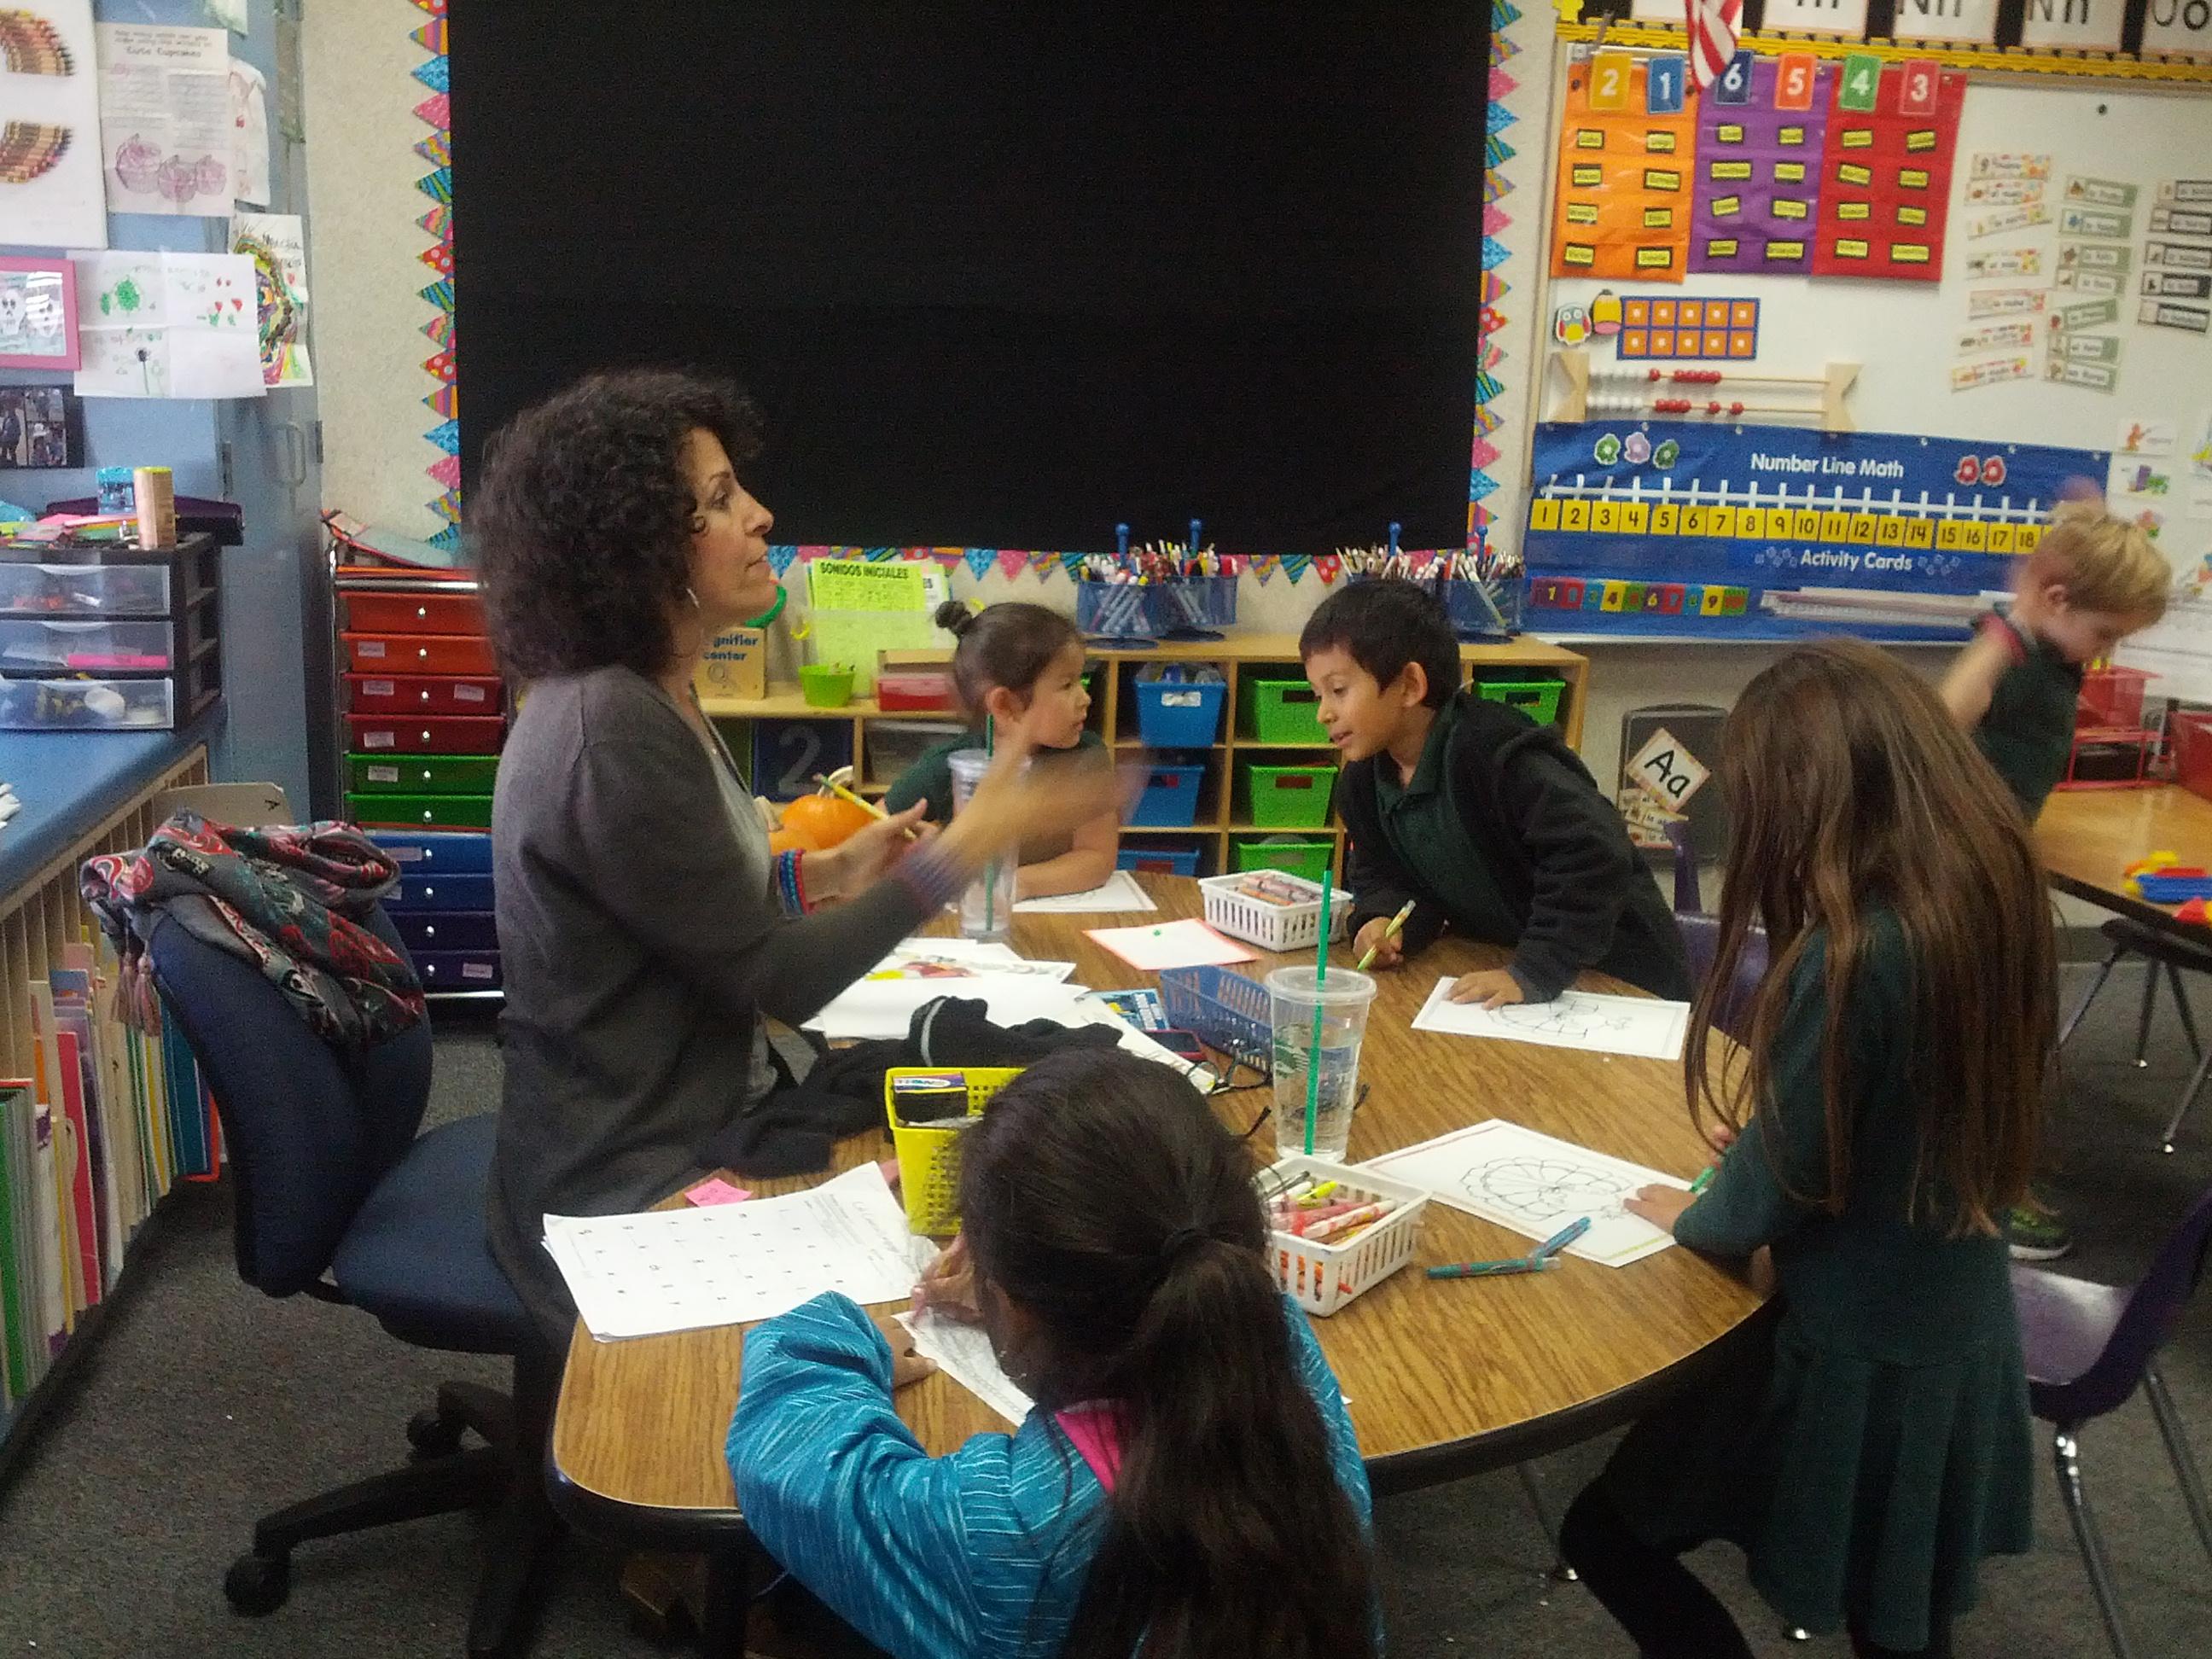 Rosa Villalpando, maestra de tercer grado, dice que algunos de sus alumnos han llorado en clase. Foto: Zaidee Stavely.